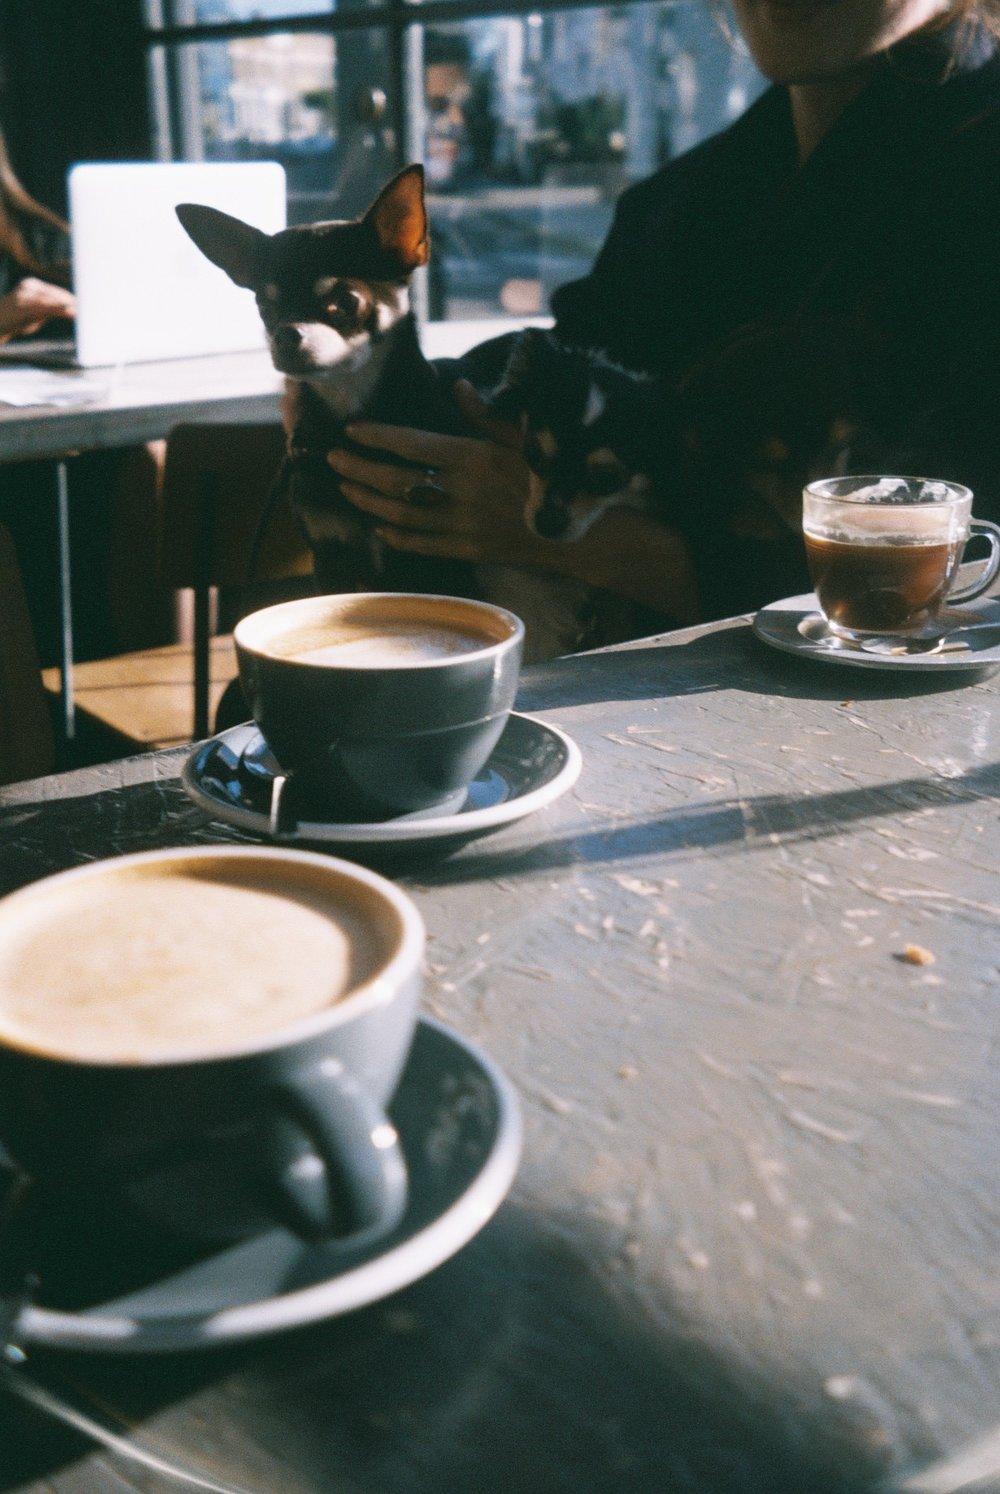 I love that in London many cafes and pubs allow dogs. We love going for a walk to the park with them and then stopping in a little cozy café for some coffee. / Adoro que em Londres muitos cafés e pubs permitam a entrada a cães. Nós adoramos ir dar uma volta a pé até ao parque com eles e depois parar num cafezinho acolhedor para tomar um café.